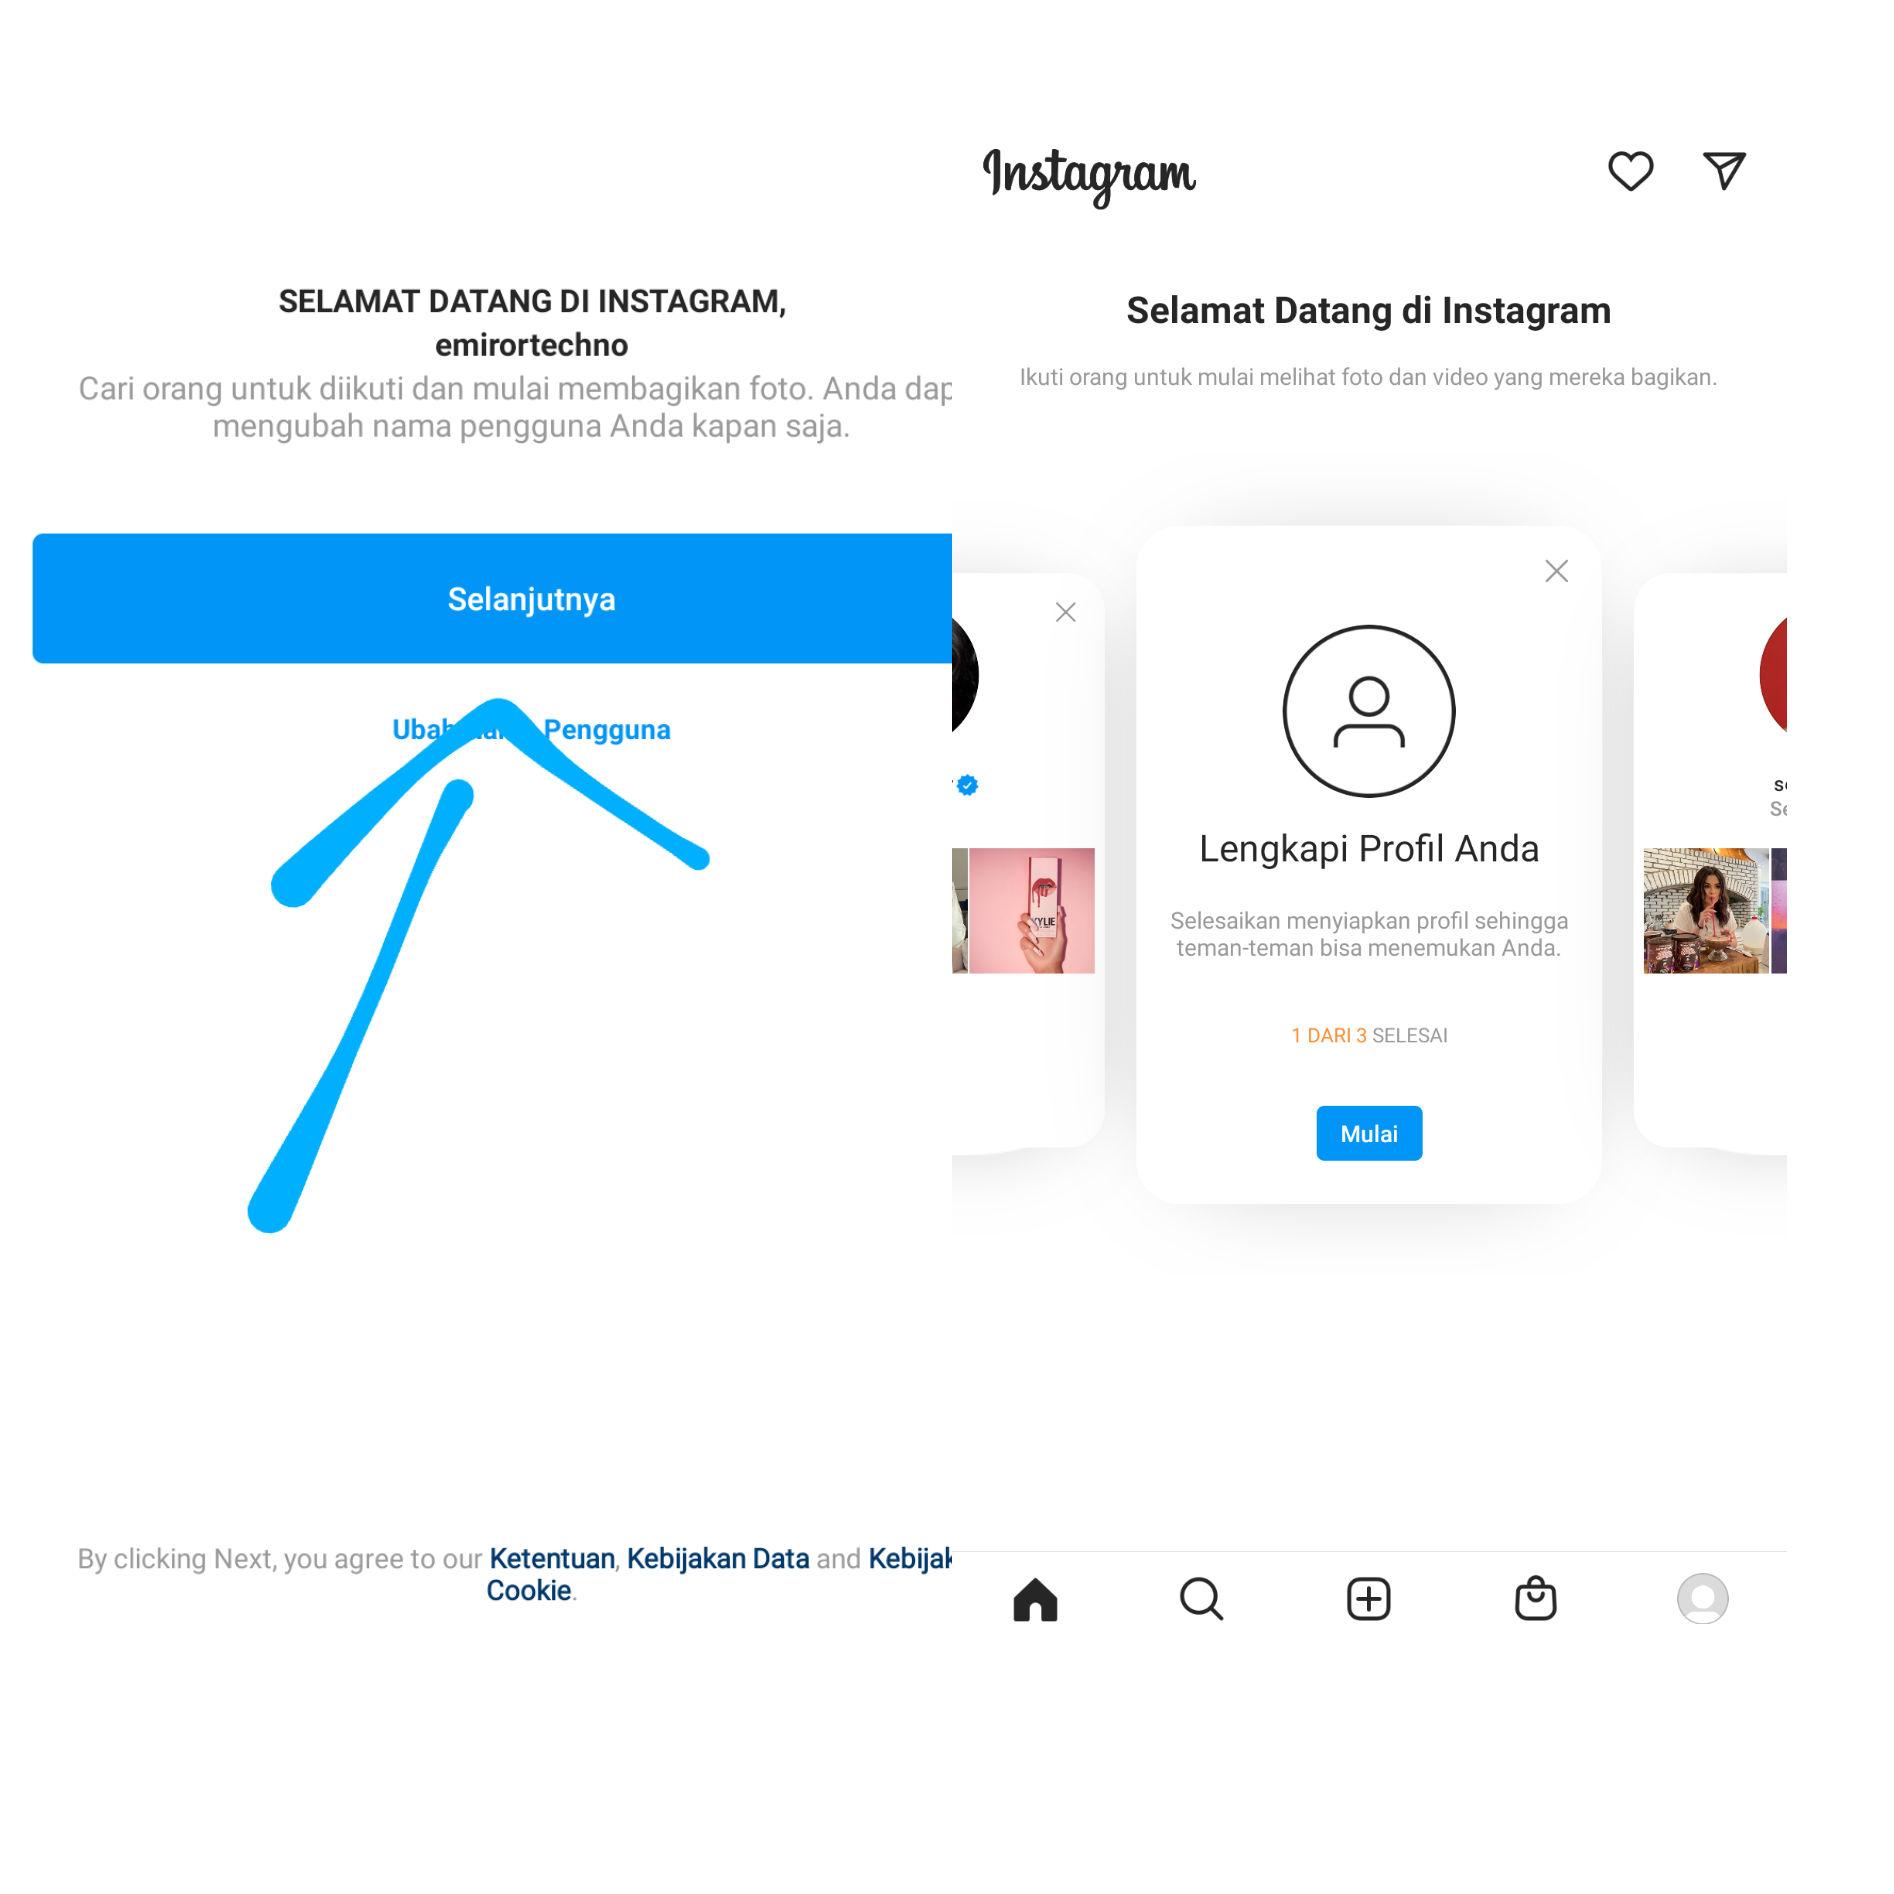 8. Selamat kini Anda Telah Terdaftar Di Instagram dengan menggunakan email